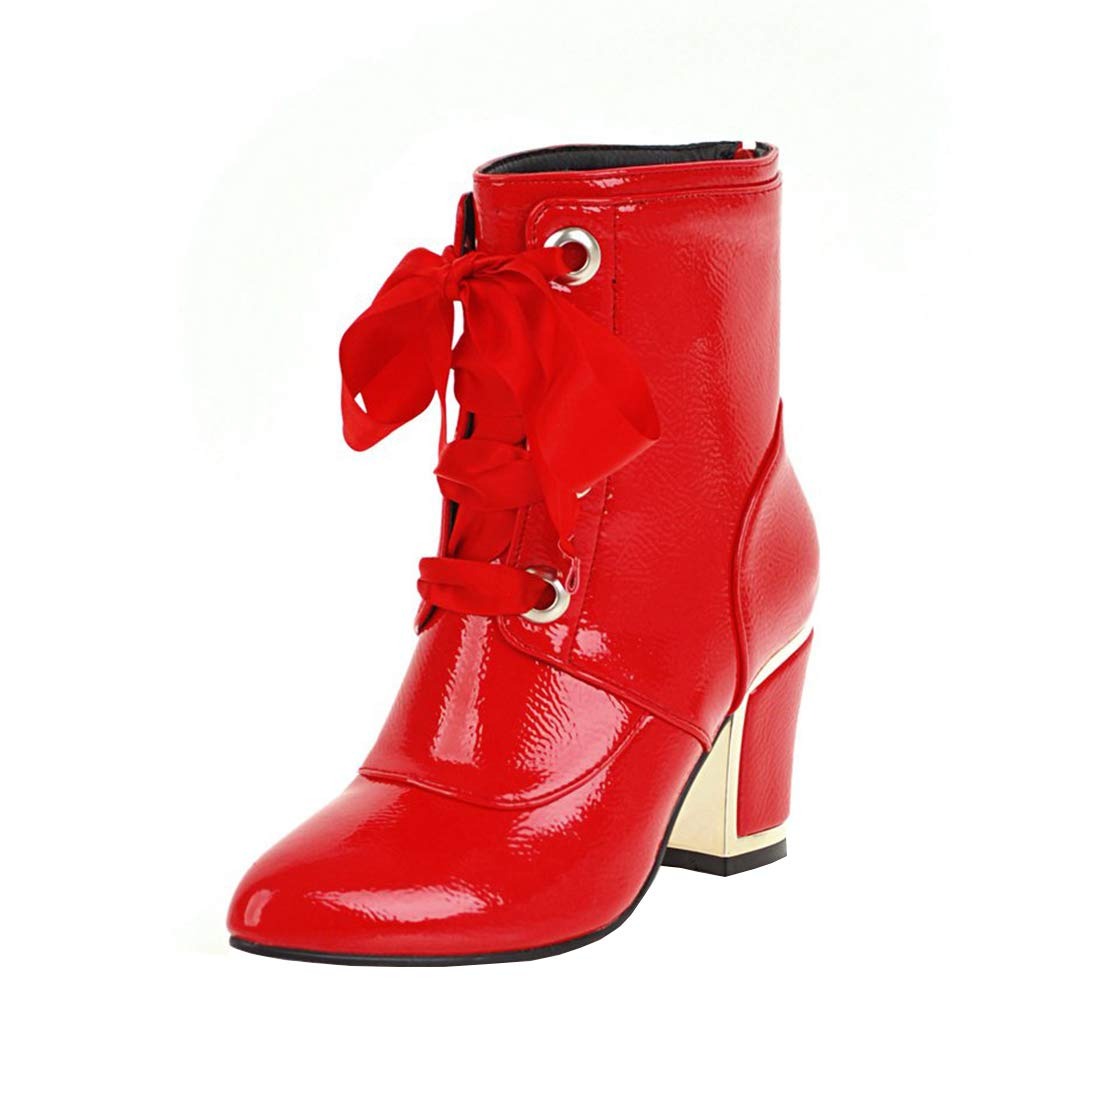 YE Bottines Vernis Femme à Lacets Winter 13421 Zip Courtes Talon Haut Bloc Chunky Heels Ankle Boots Bottes Courtes Chaude Hiver Winter Shoes Rouge bfad28b - boatplans.space